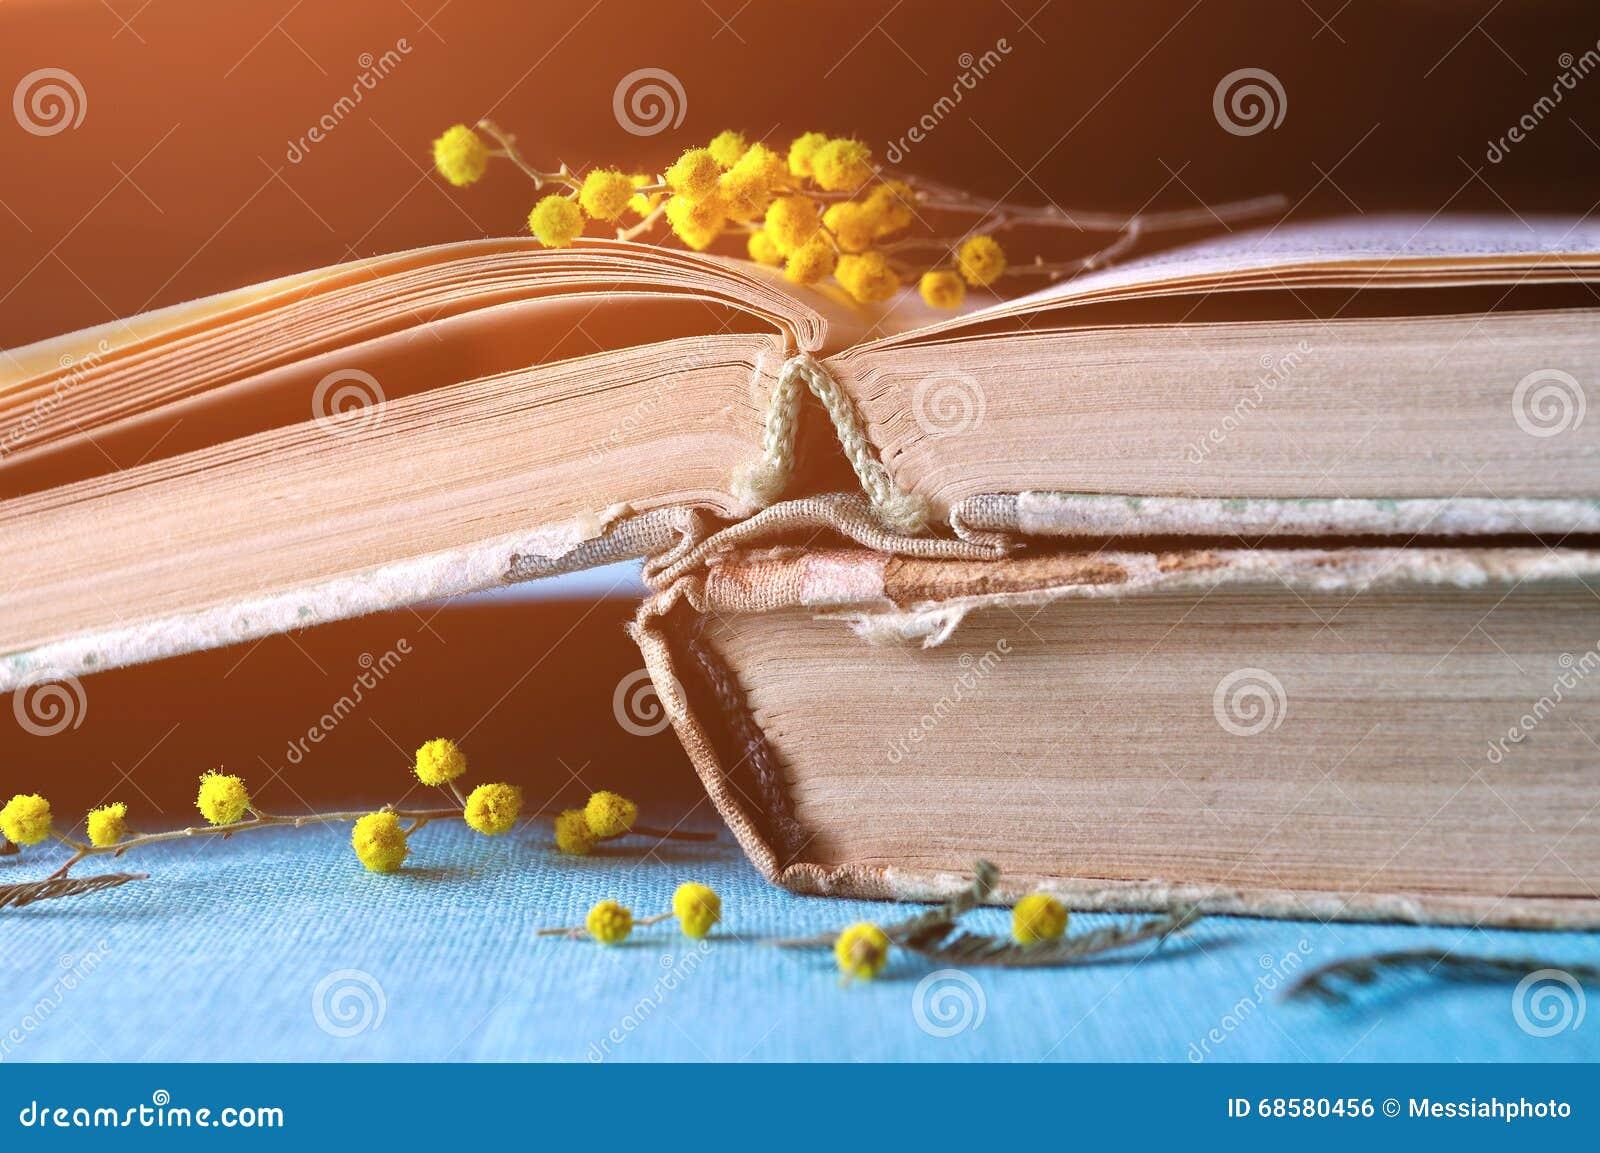 Fiori Gialli Libri.La Pila Di Vecchi Libri Consumati Con I Fiori Gialli Della Mimosa